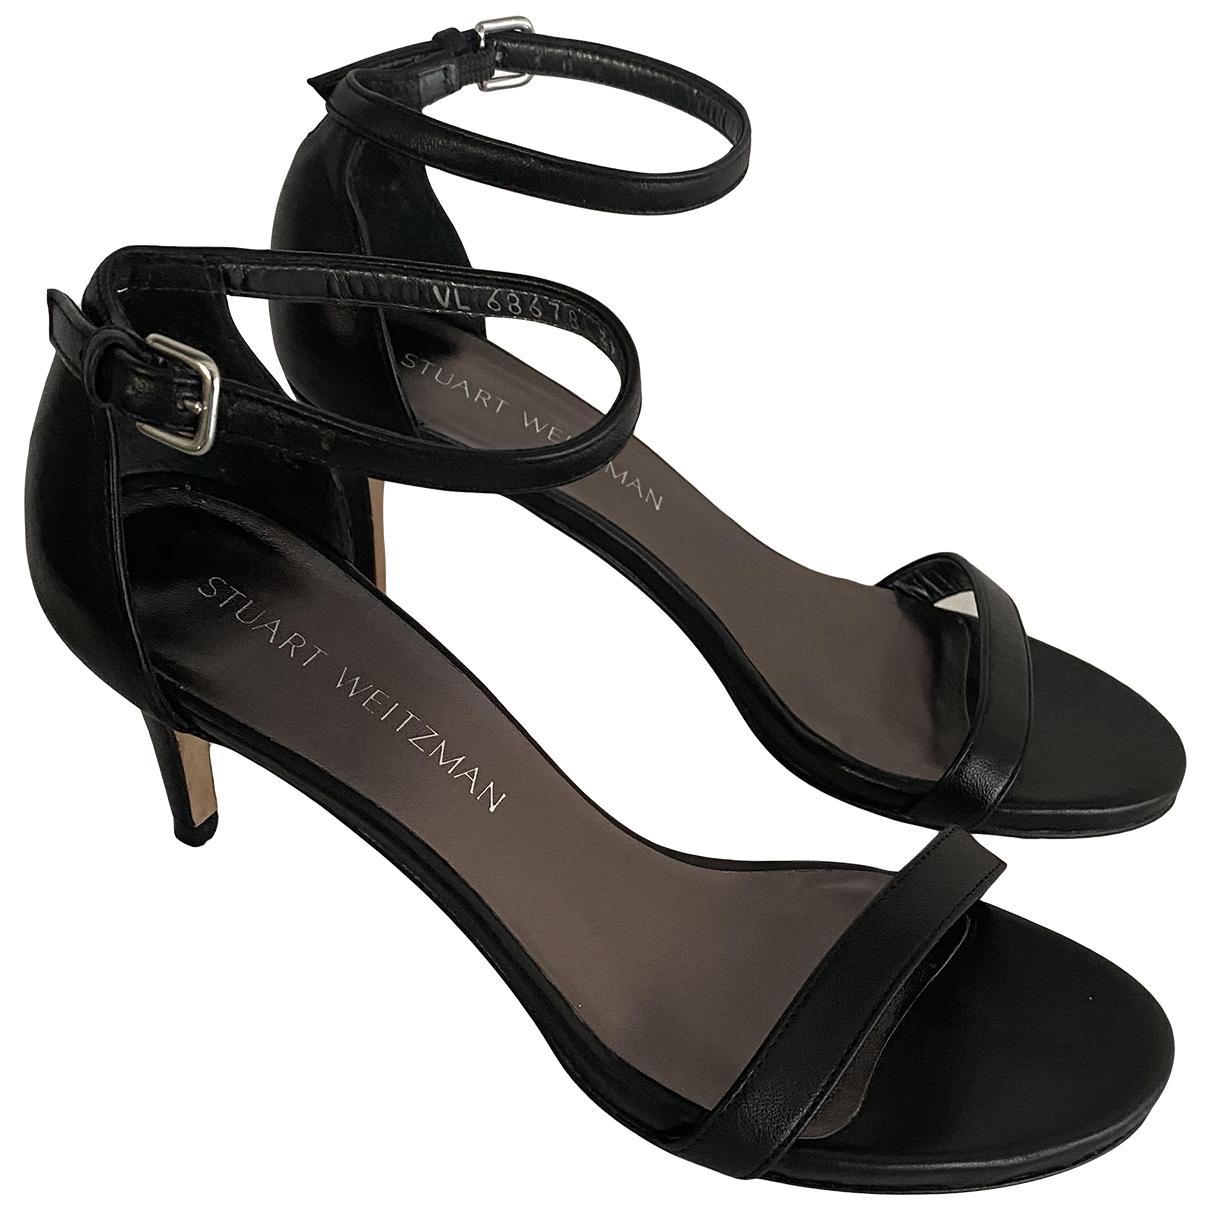 Stuart Weitzman - Sandales   pour femme en cuir - noir